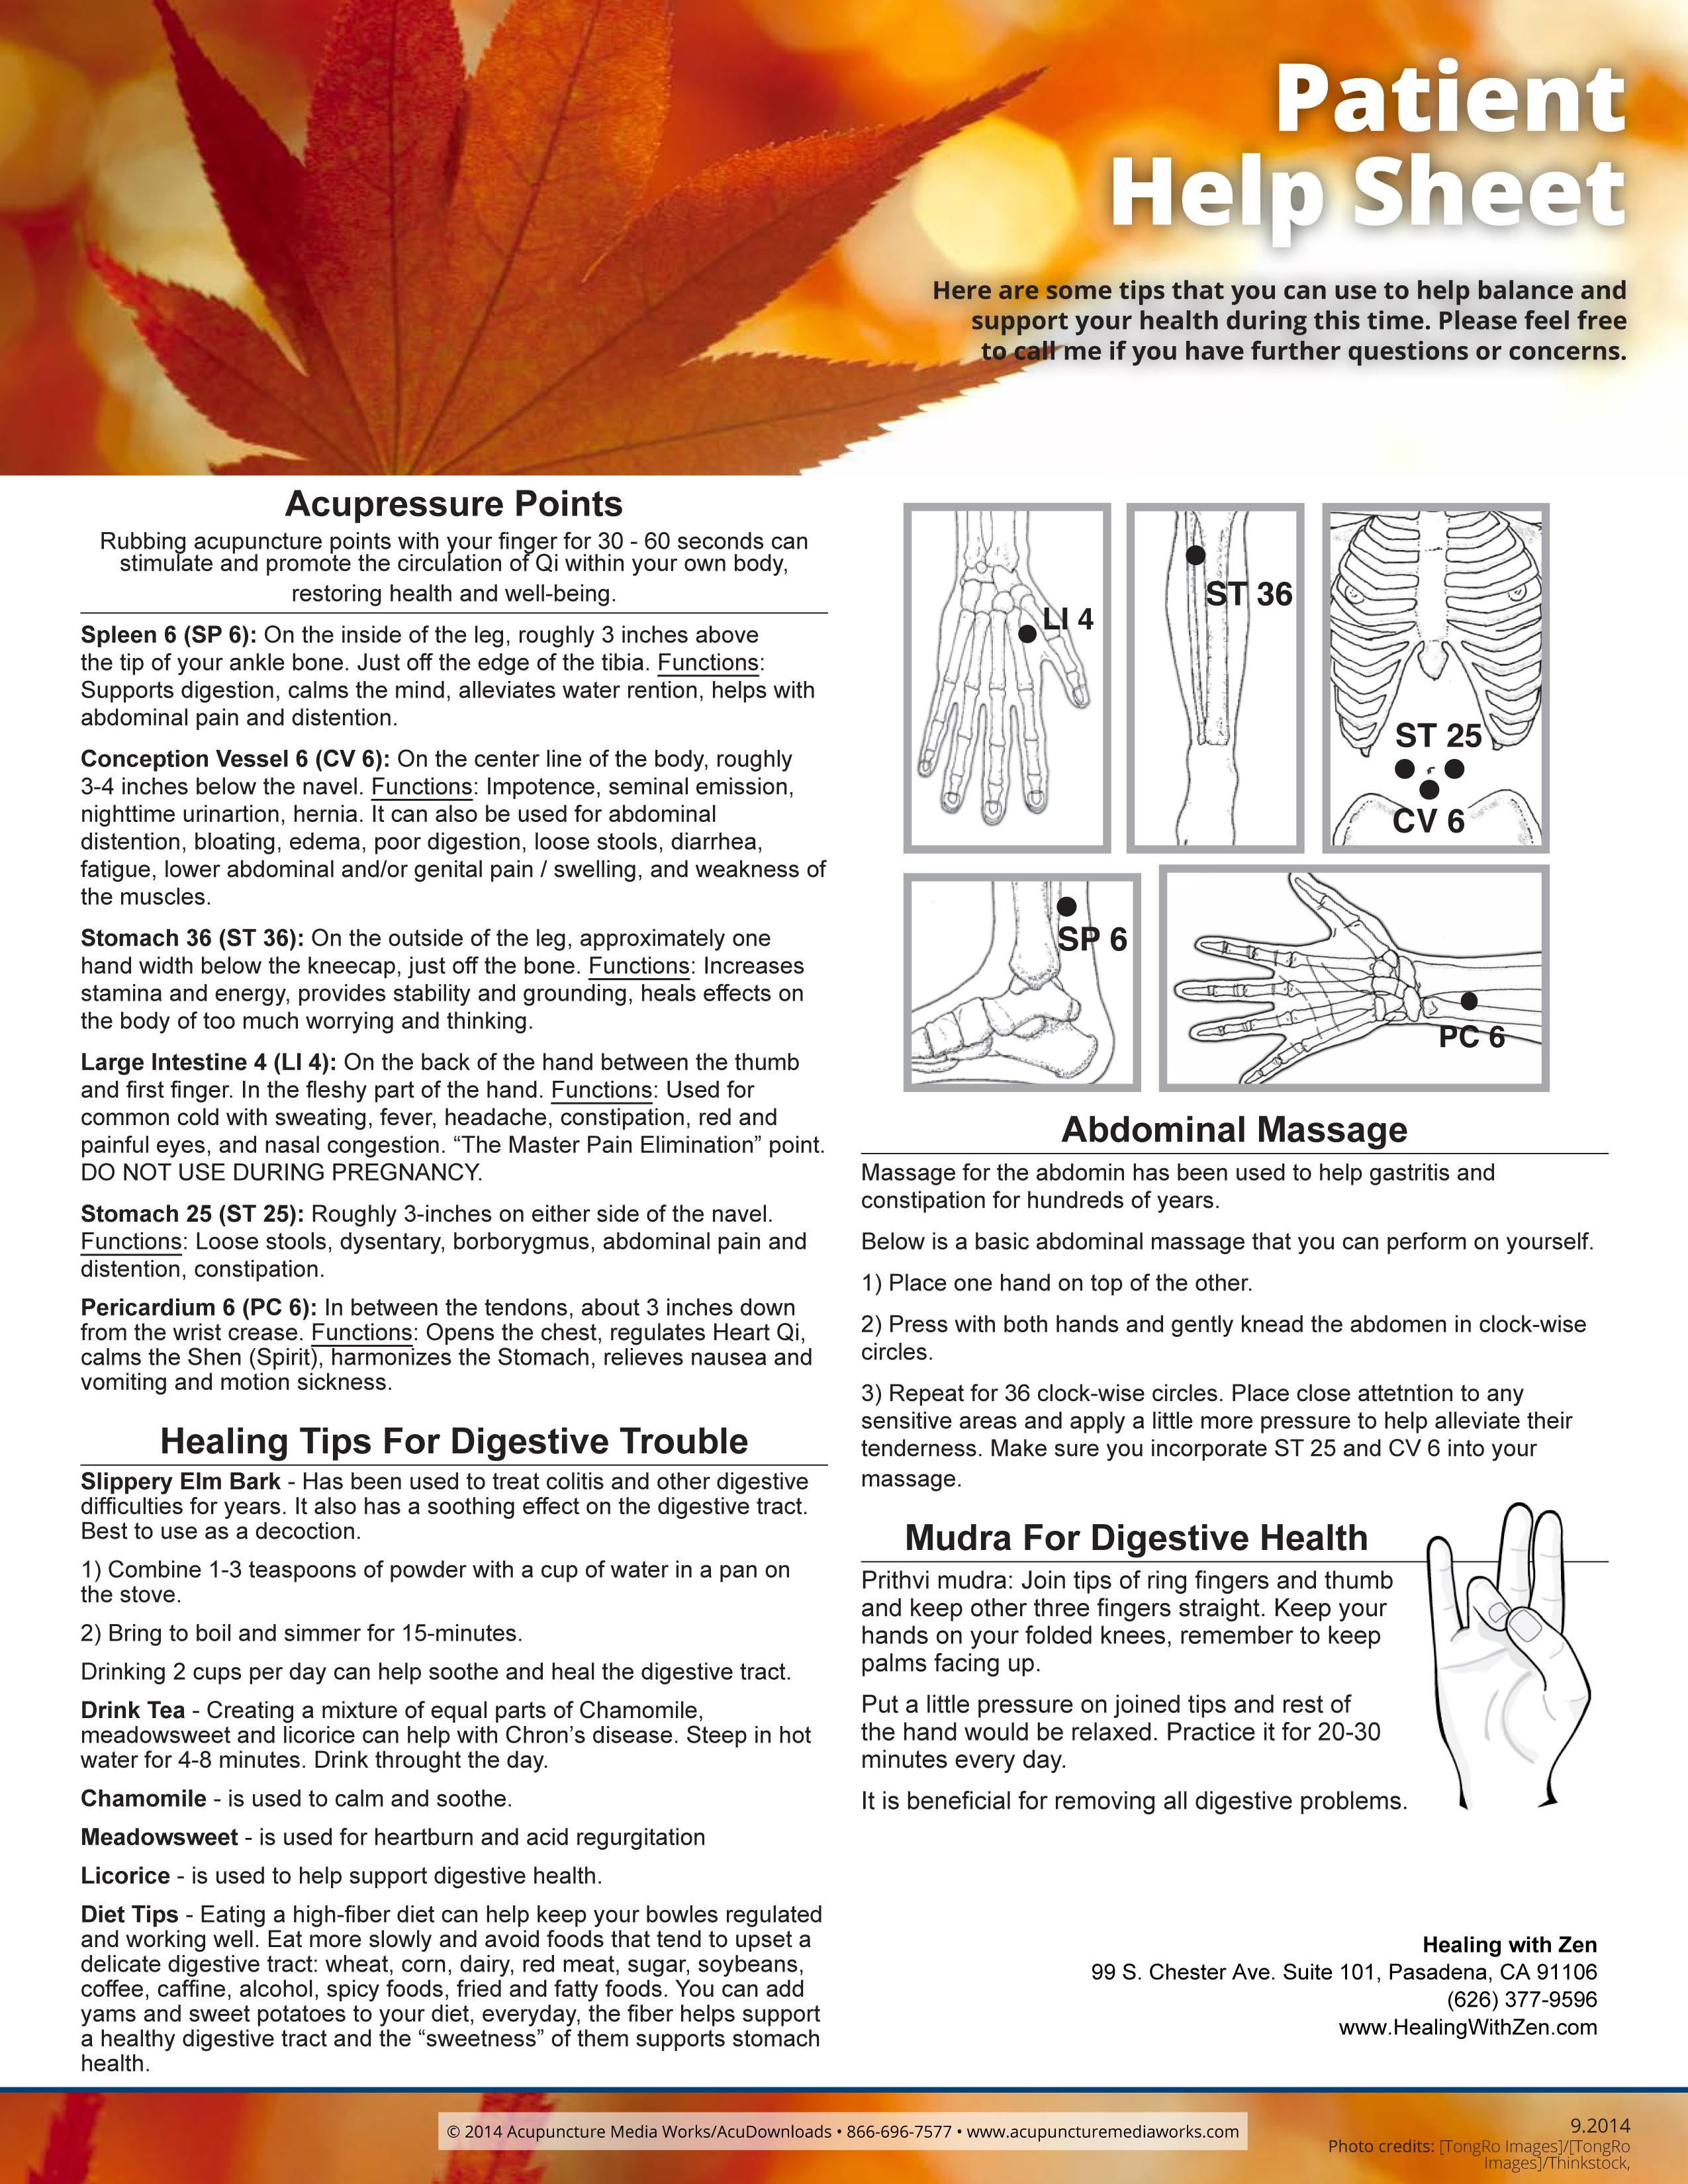 Help Sheet: Spleen & Digestive Health - Healing with Zen ...